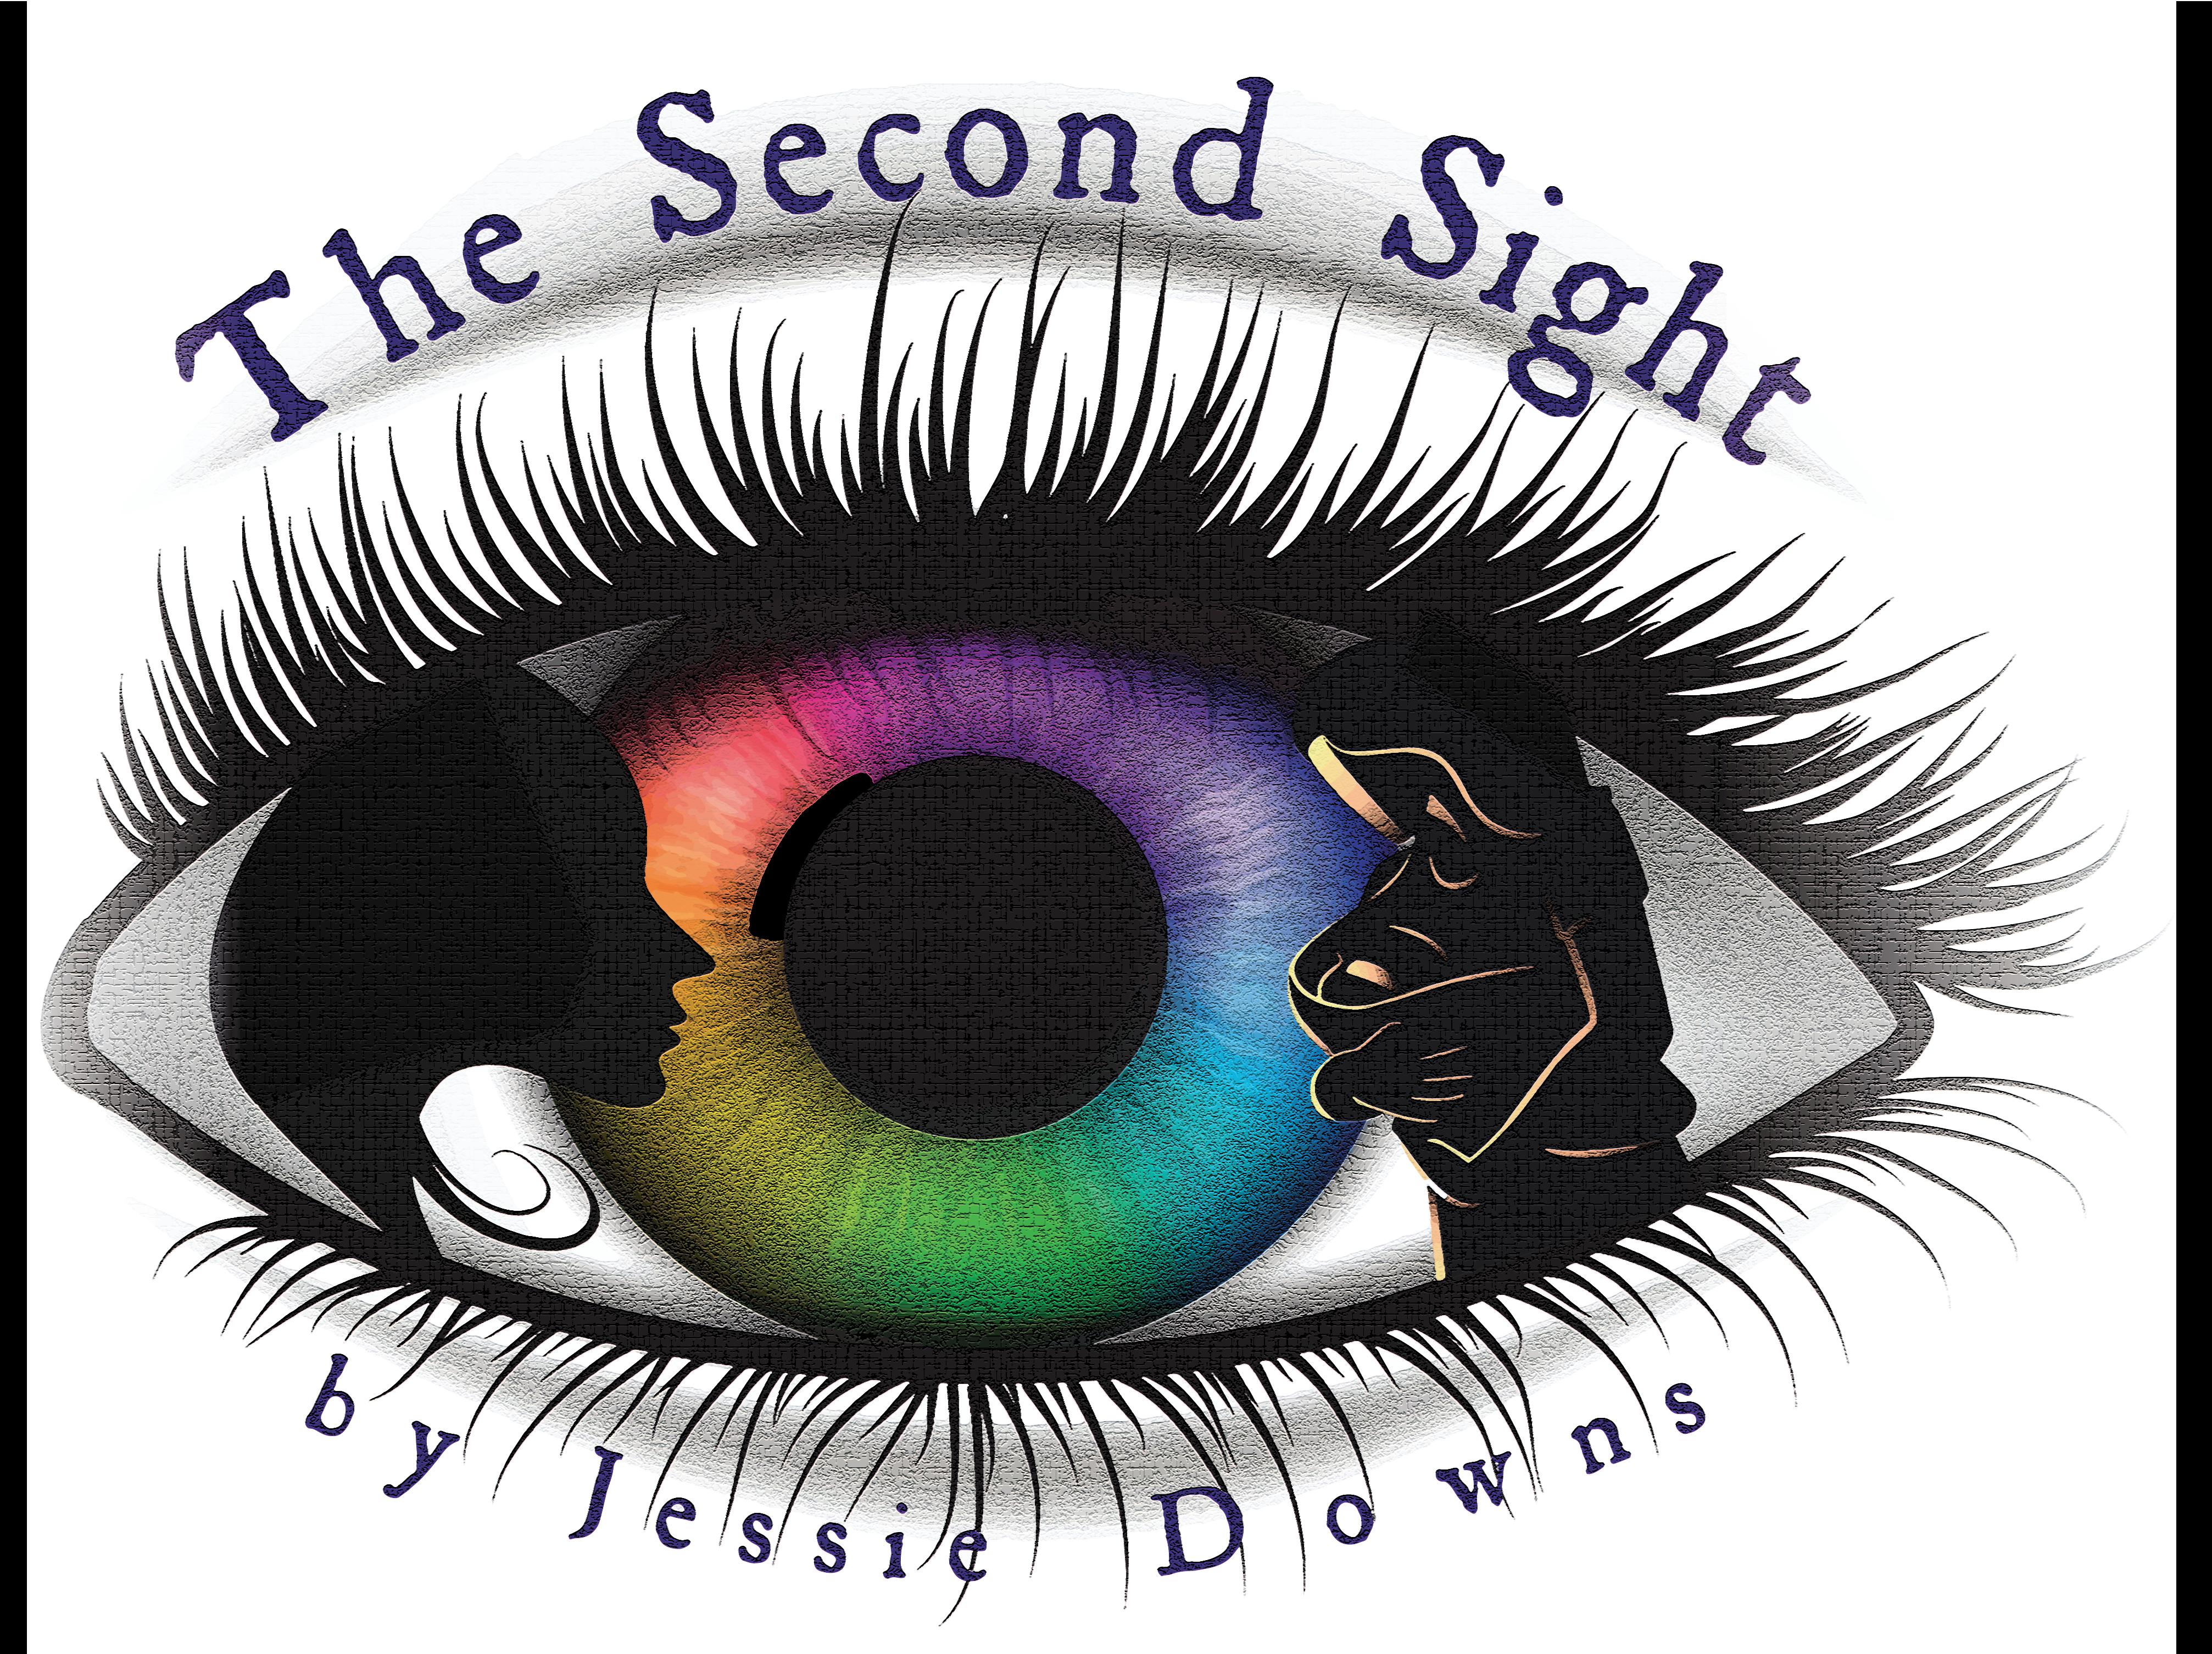 second sight logo 4 final